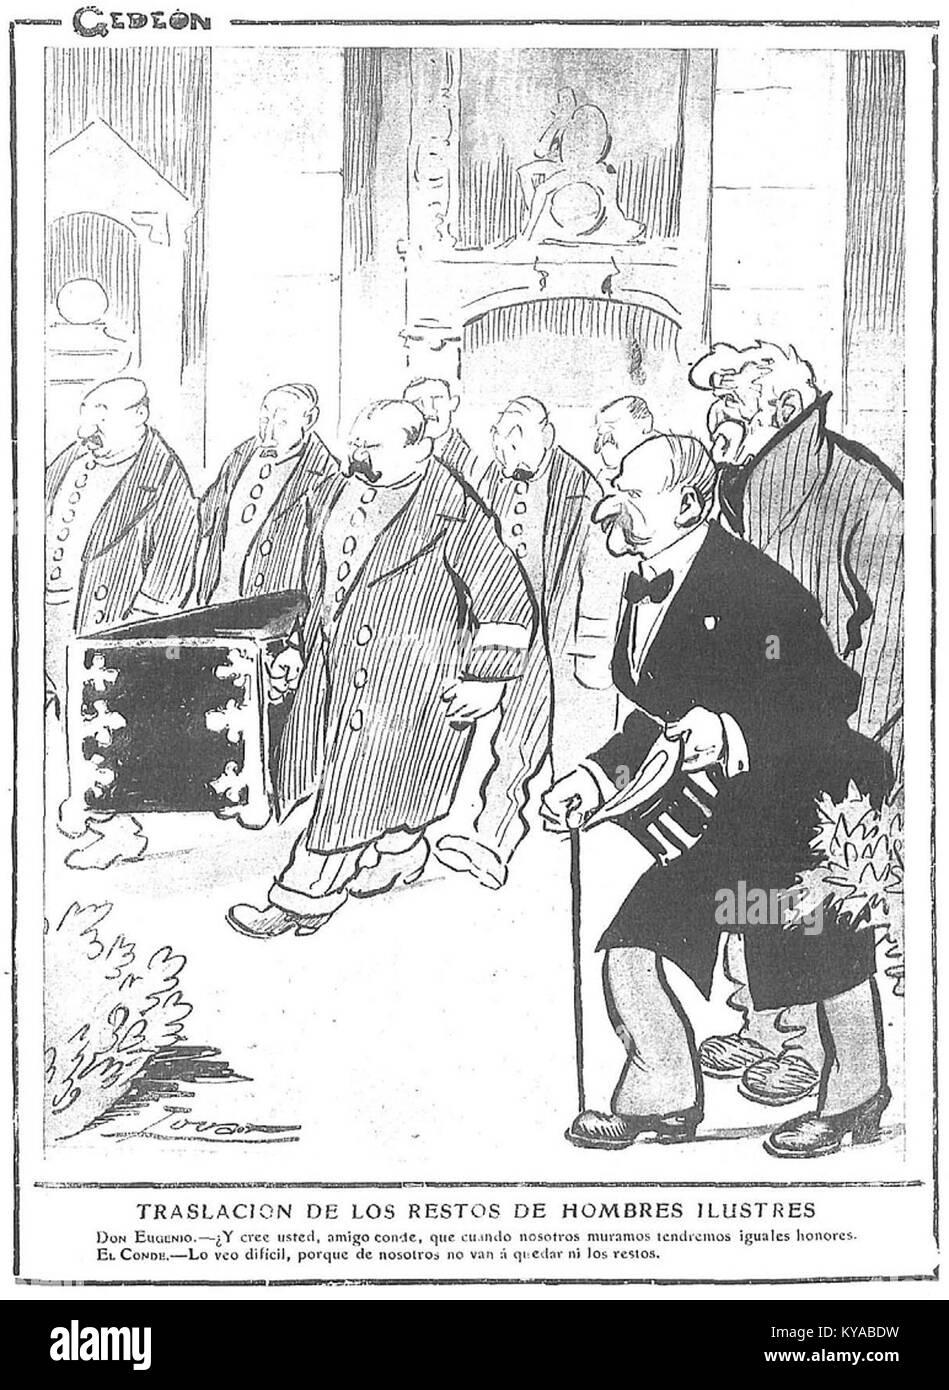 Traslación de los restos de hombres ilustres, de Tovar - Stock Image